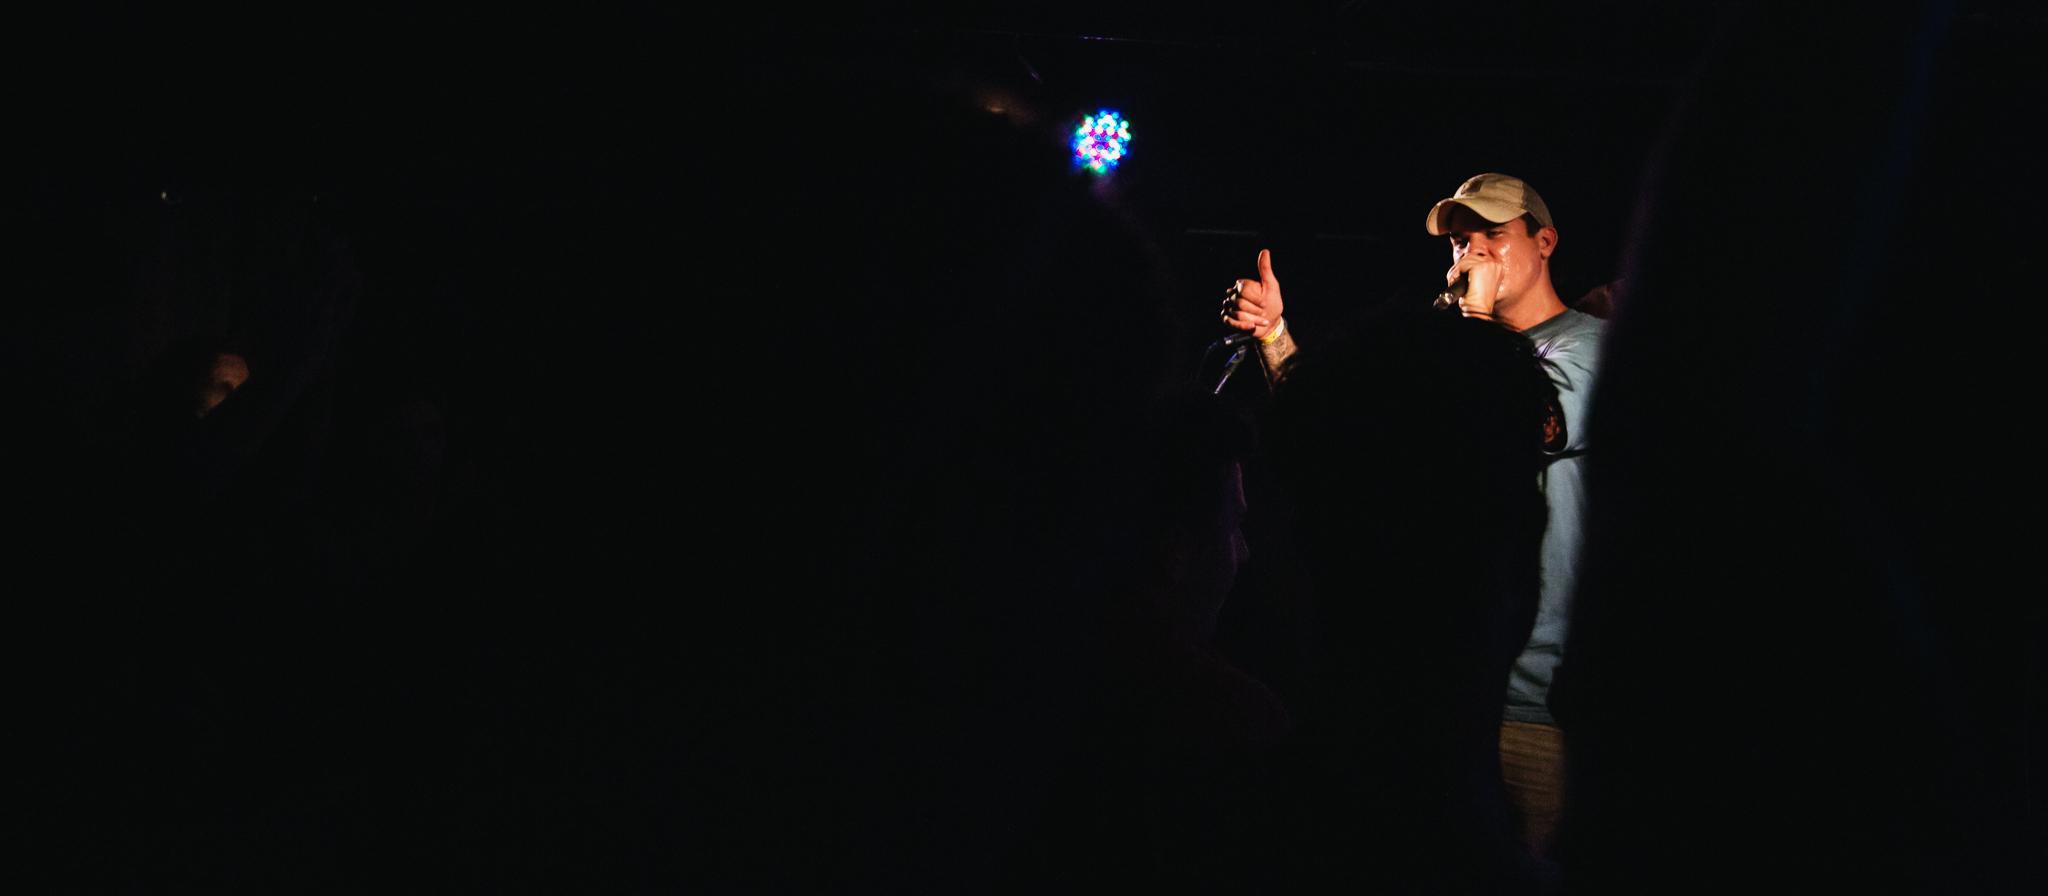 Mitch Lowe Photo - Crowbar - Expire-41.jpg